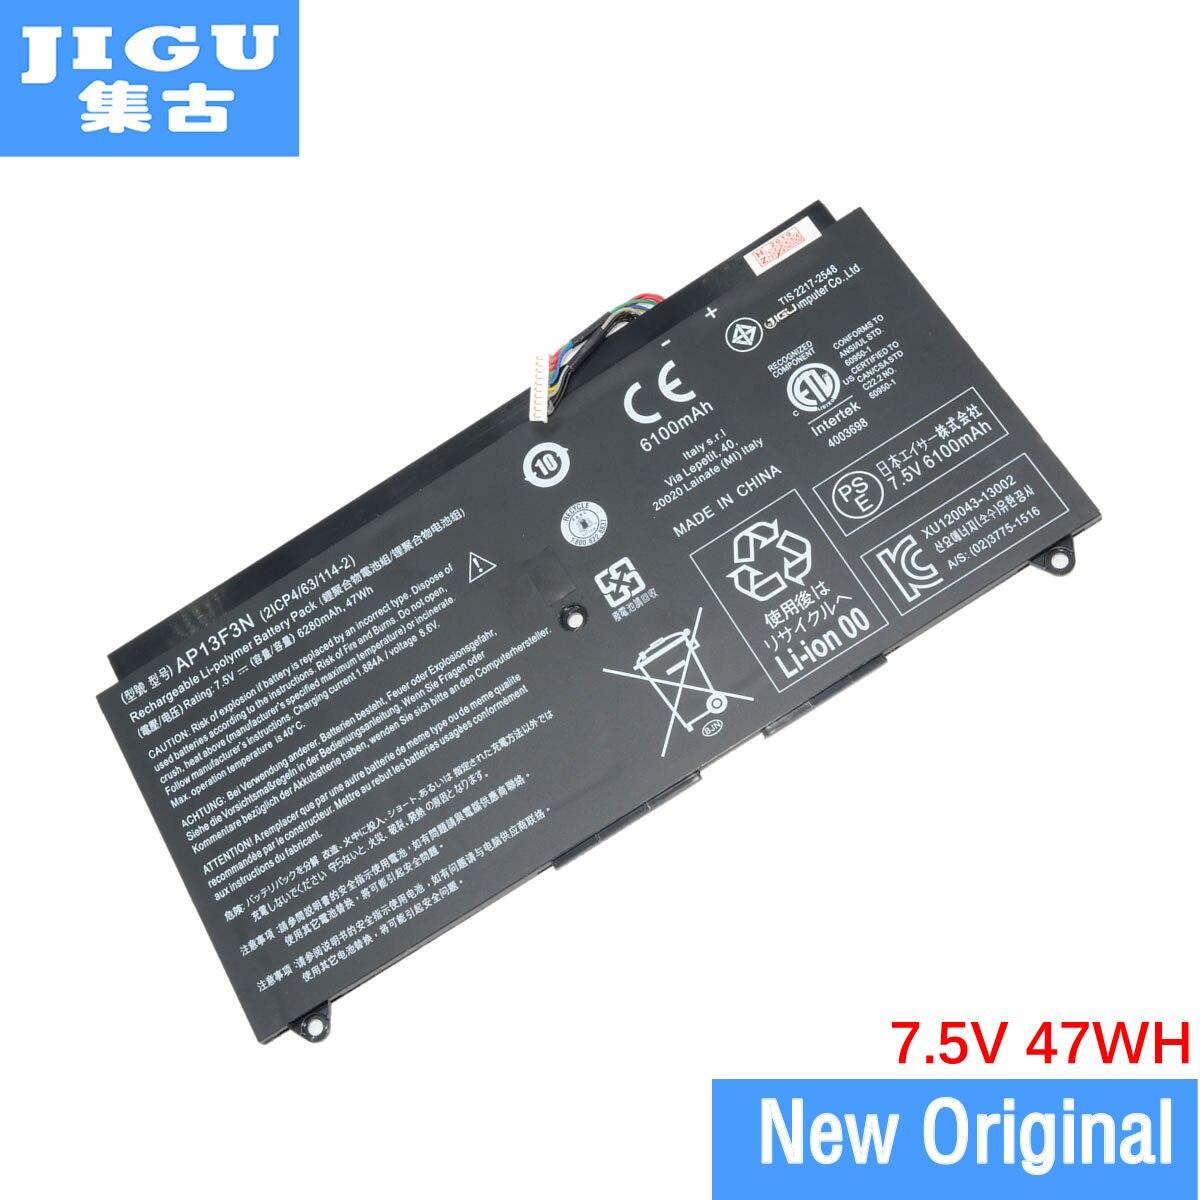 JIGU 7,5 V 47WH Original ordenador portátil batería 2ICP4/63/114-2 AP13F3N para ACER para Aspire S7-392 S7-393